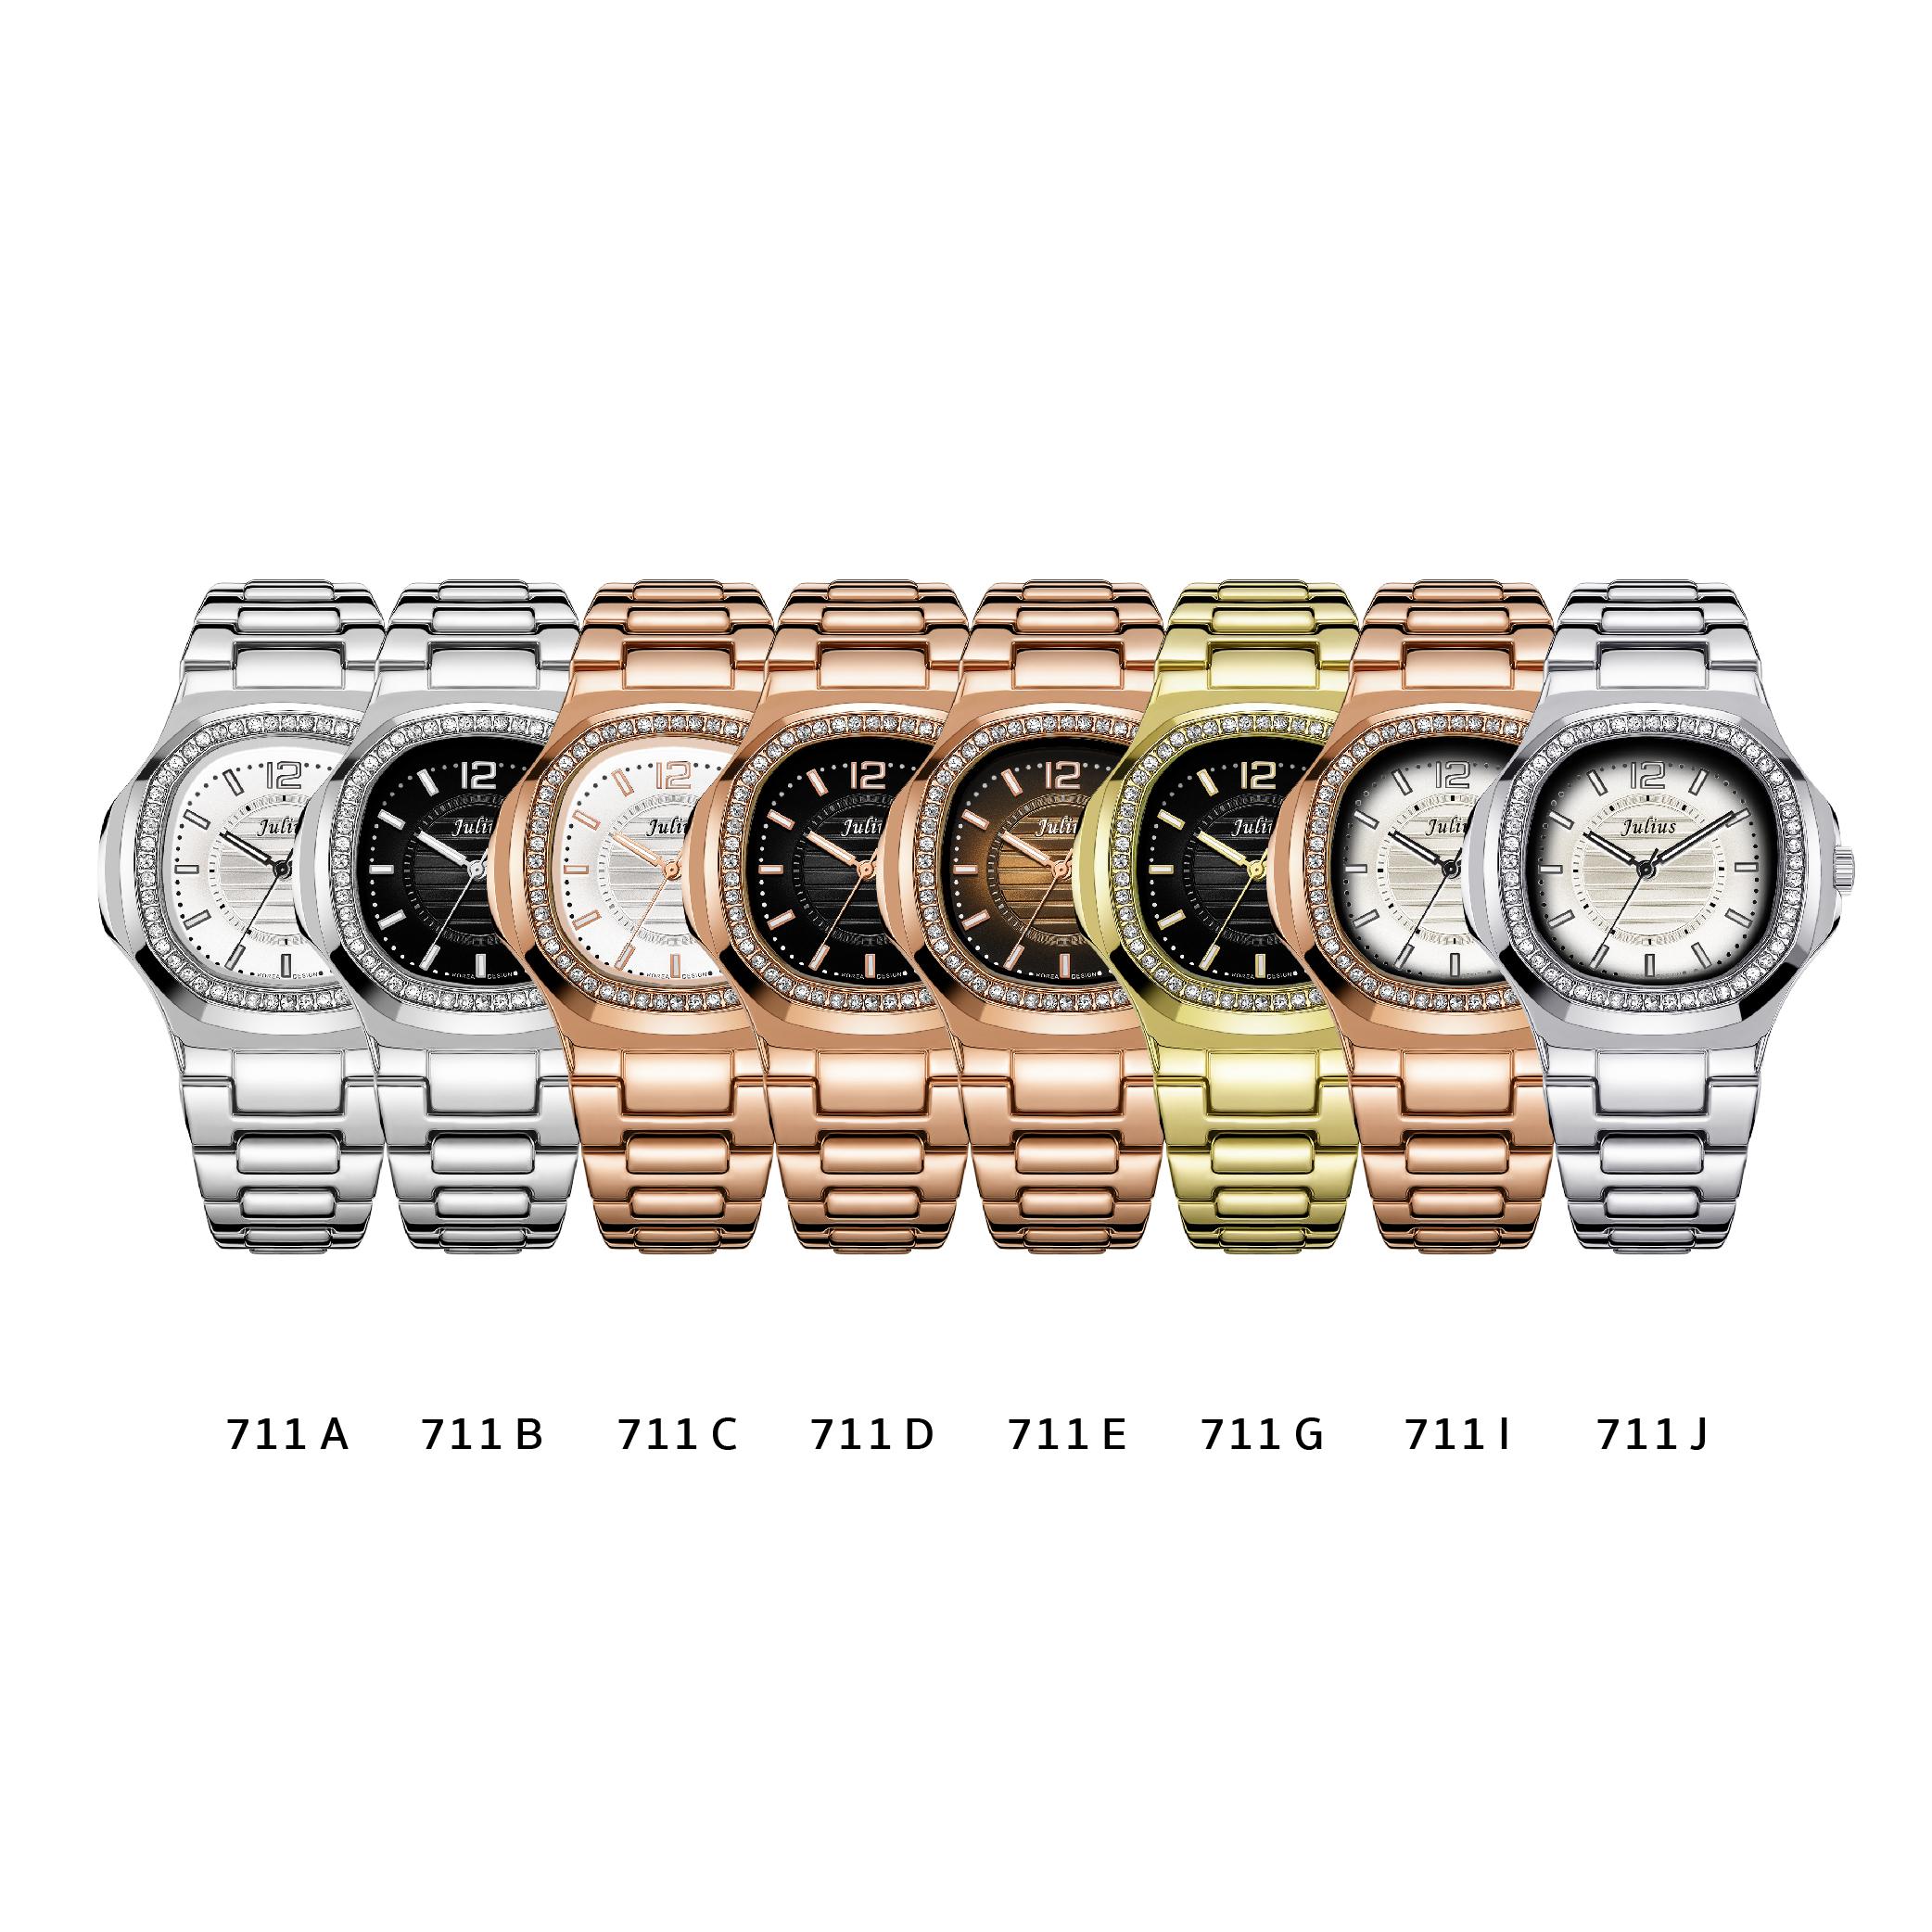 นาฬิกาข้อมือผู้หญิง JULIUS 711 I